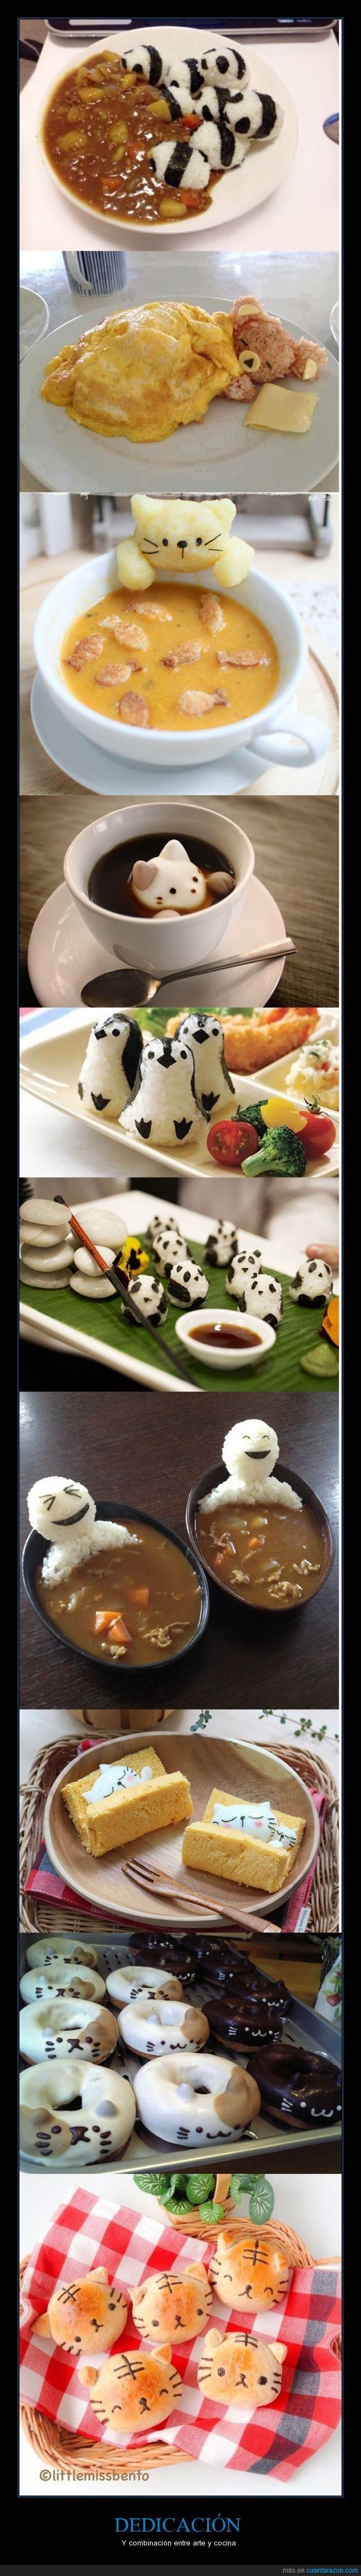 arroz,arte,cocina,dedicacion,dulces,platos